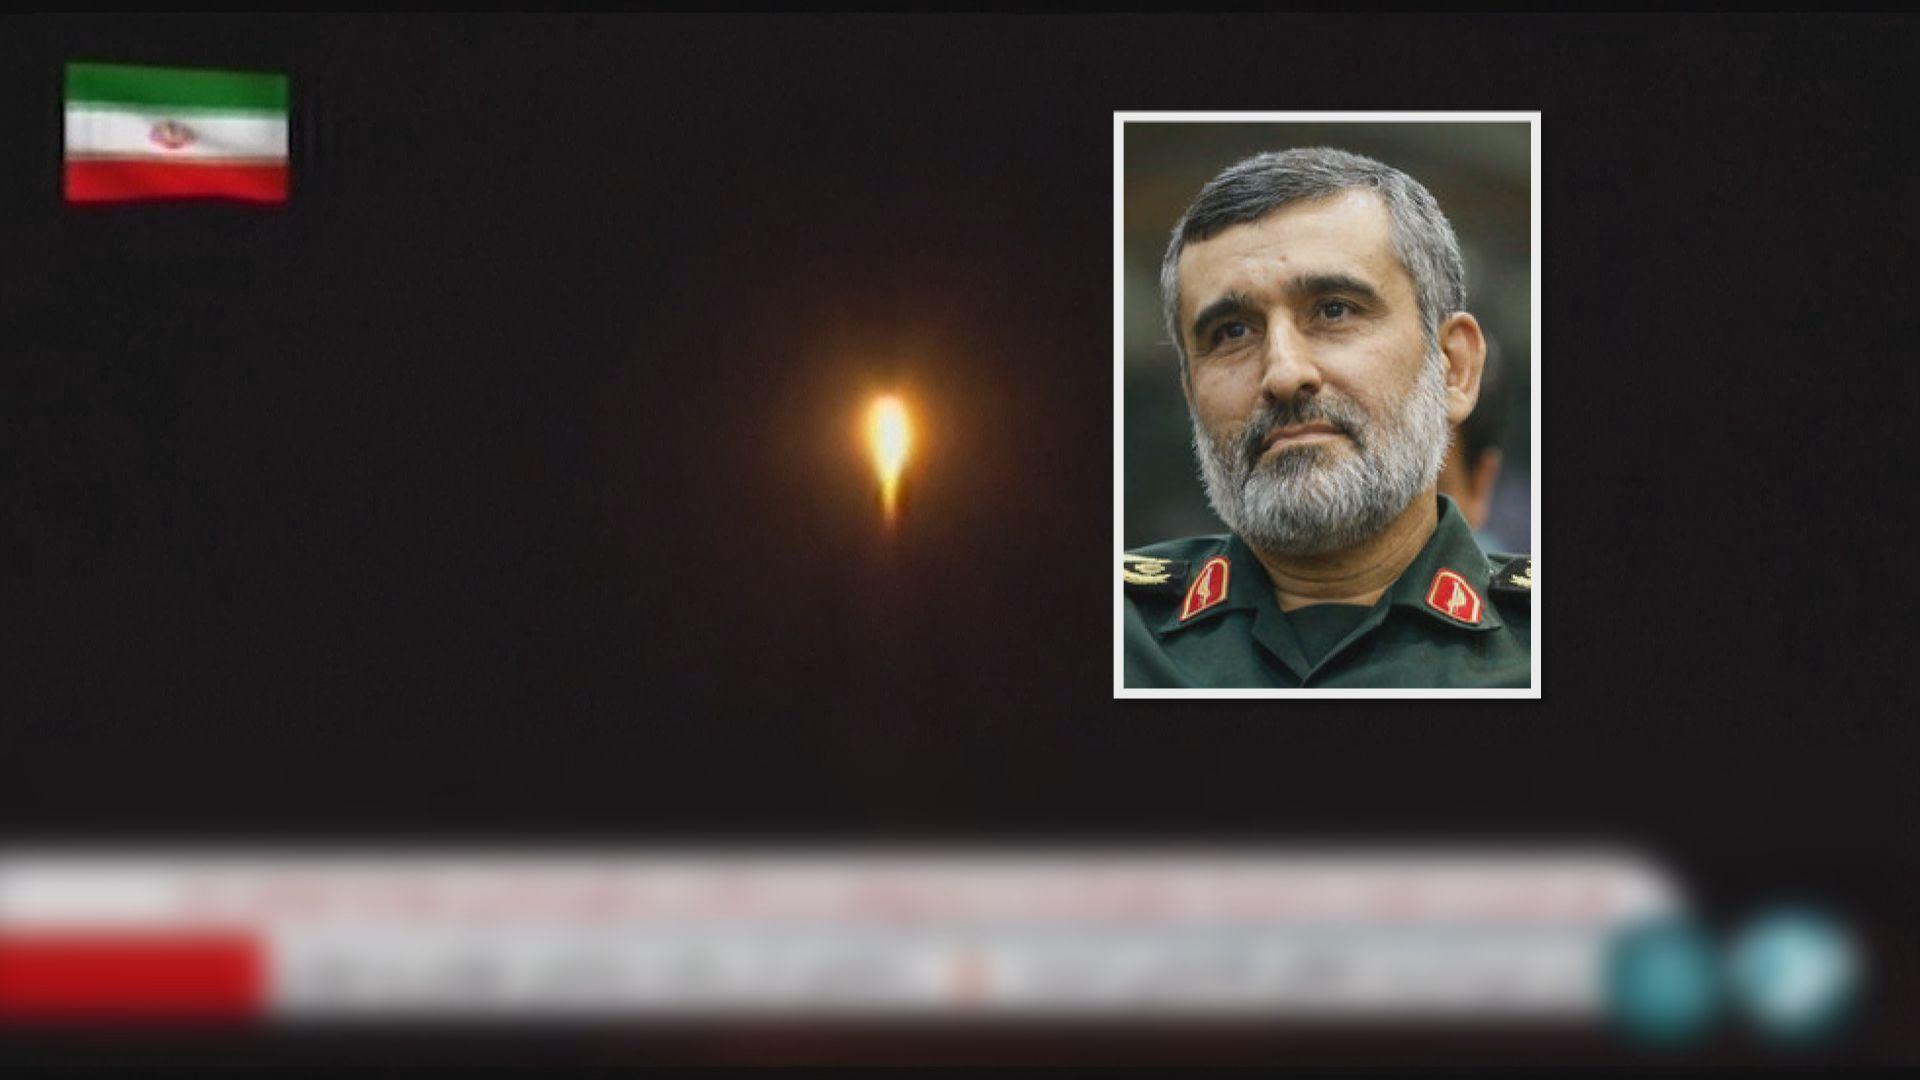 伊朗革命衛隊揚言報復美國仍會持續